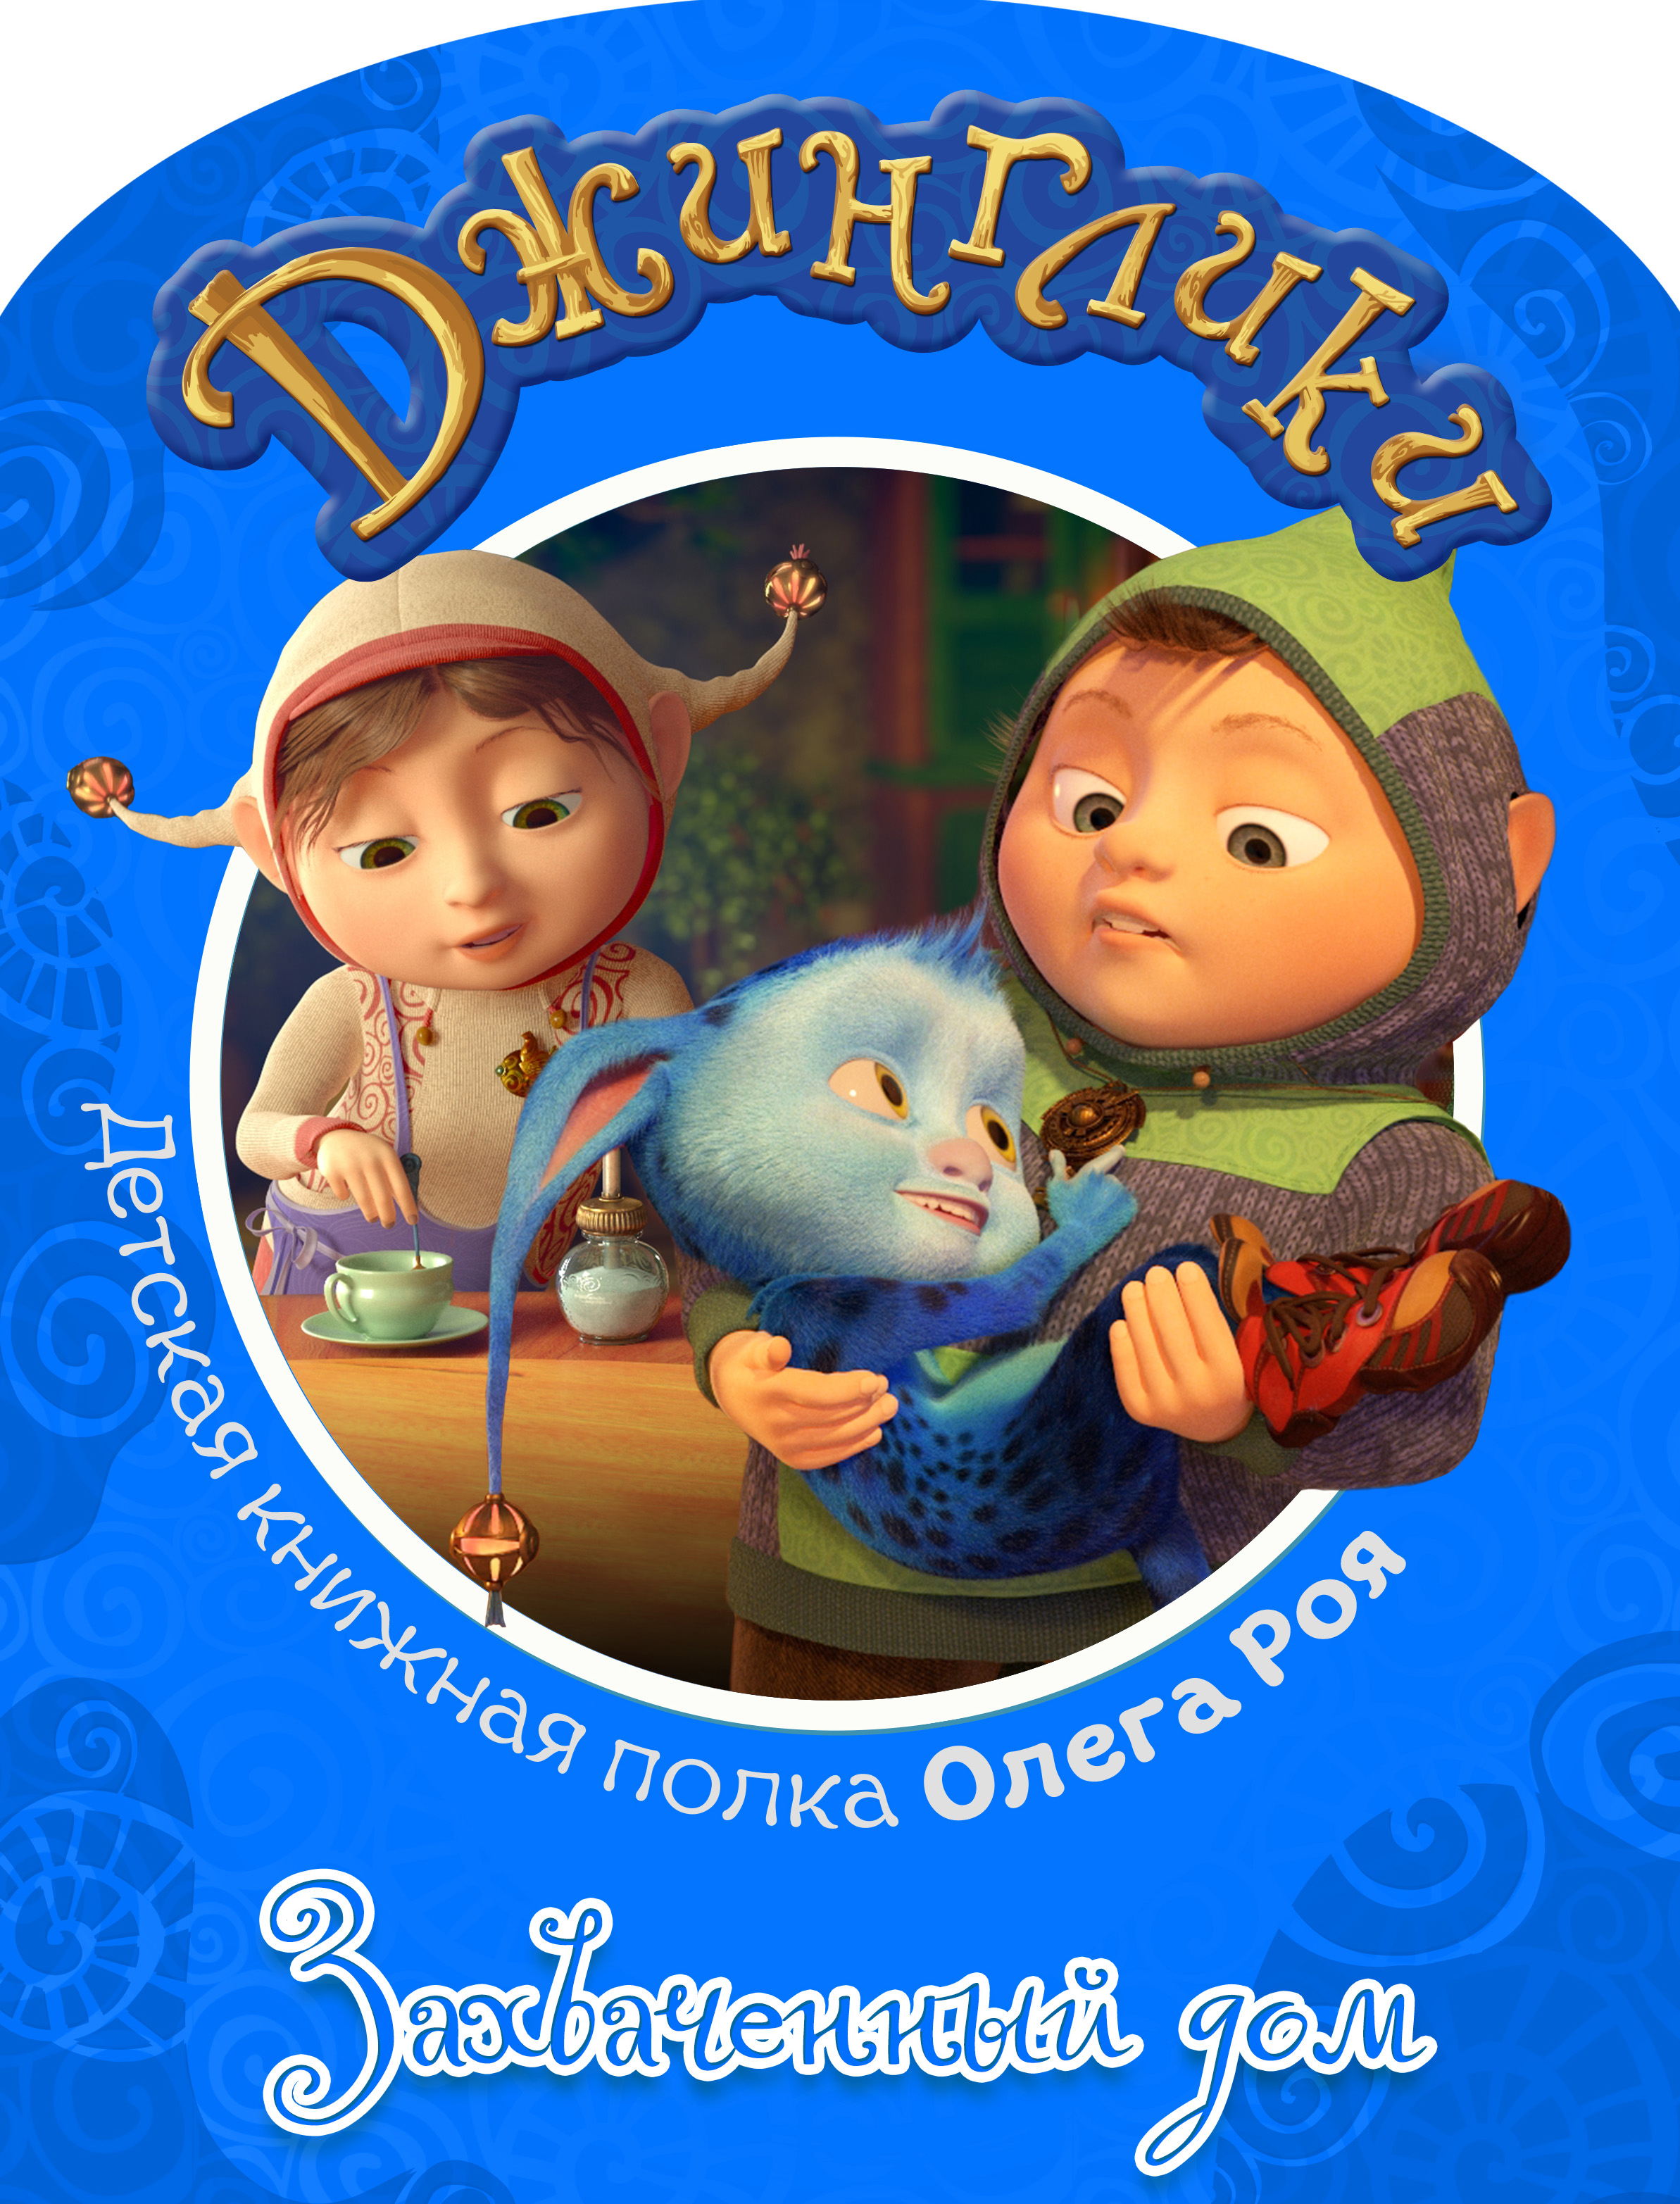 Олег Рой Захваченный дом (с цветными иллюстрациями) цены онлайн